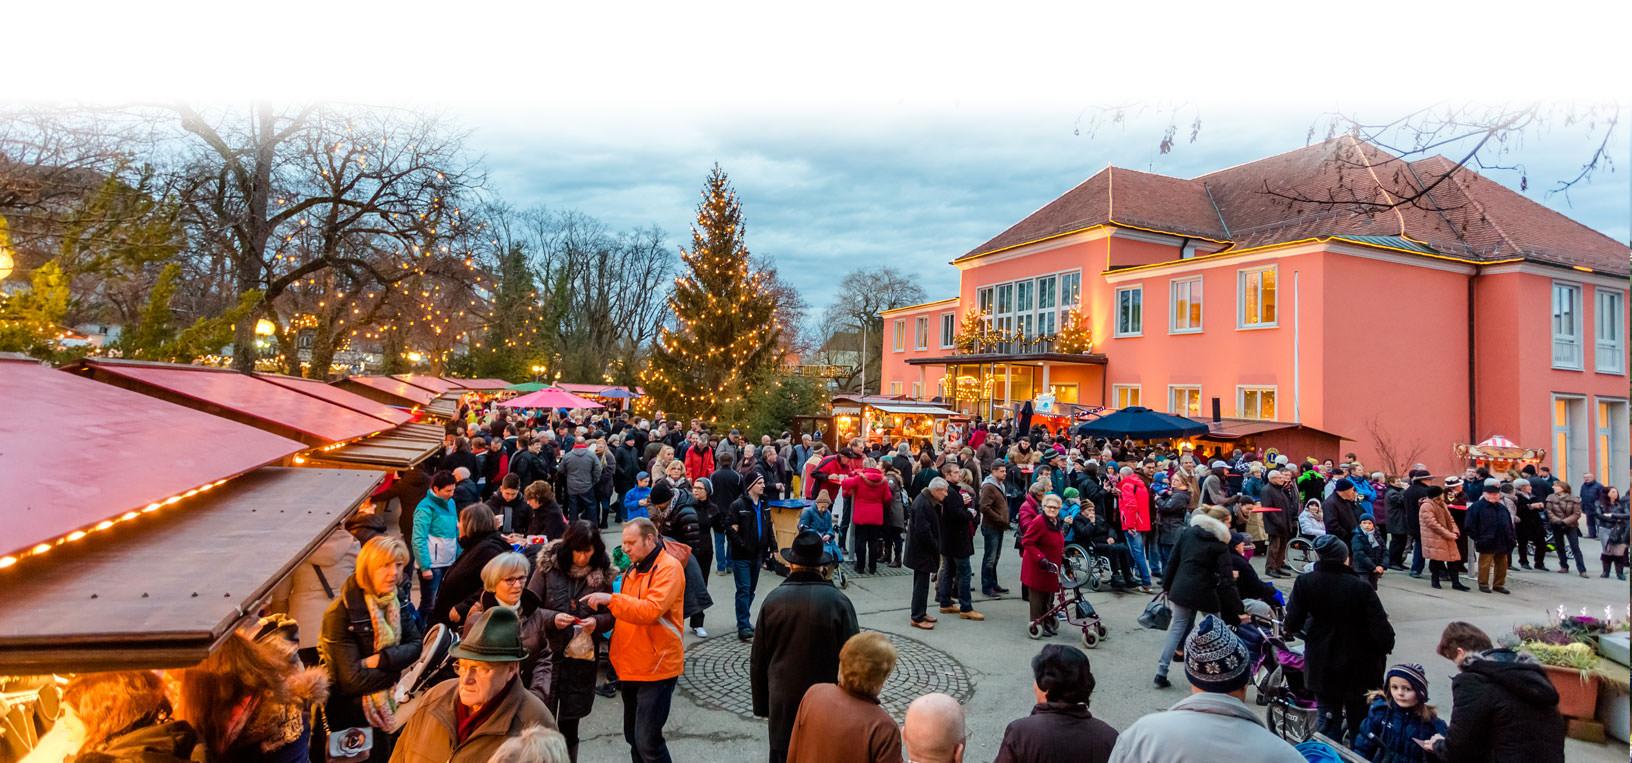 Kloster Andechs Weihnachtsmarkt.Kloster Andechs 5 S Steigenberger Hotel Der Sonnenhof